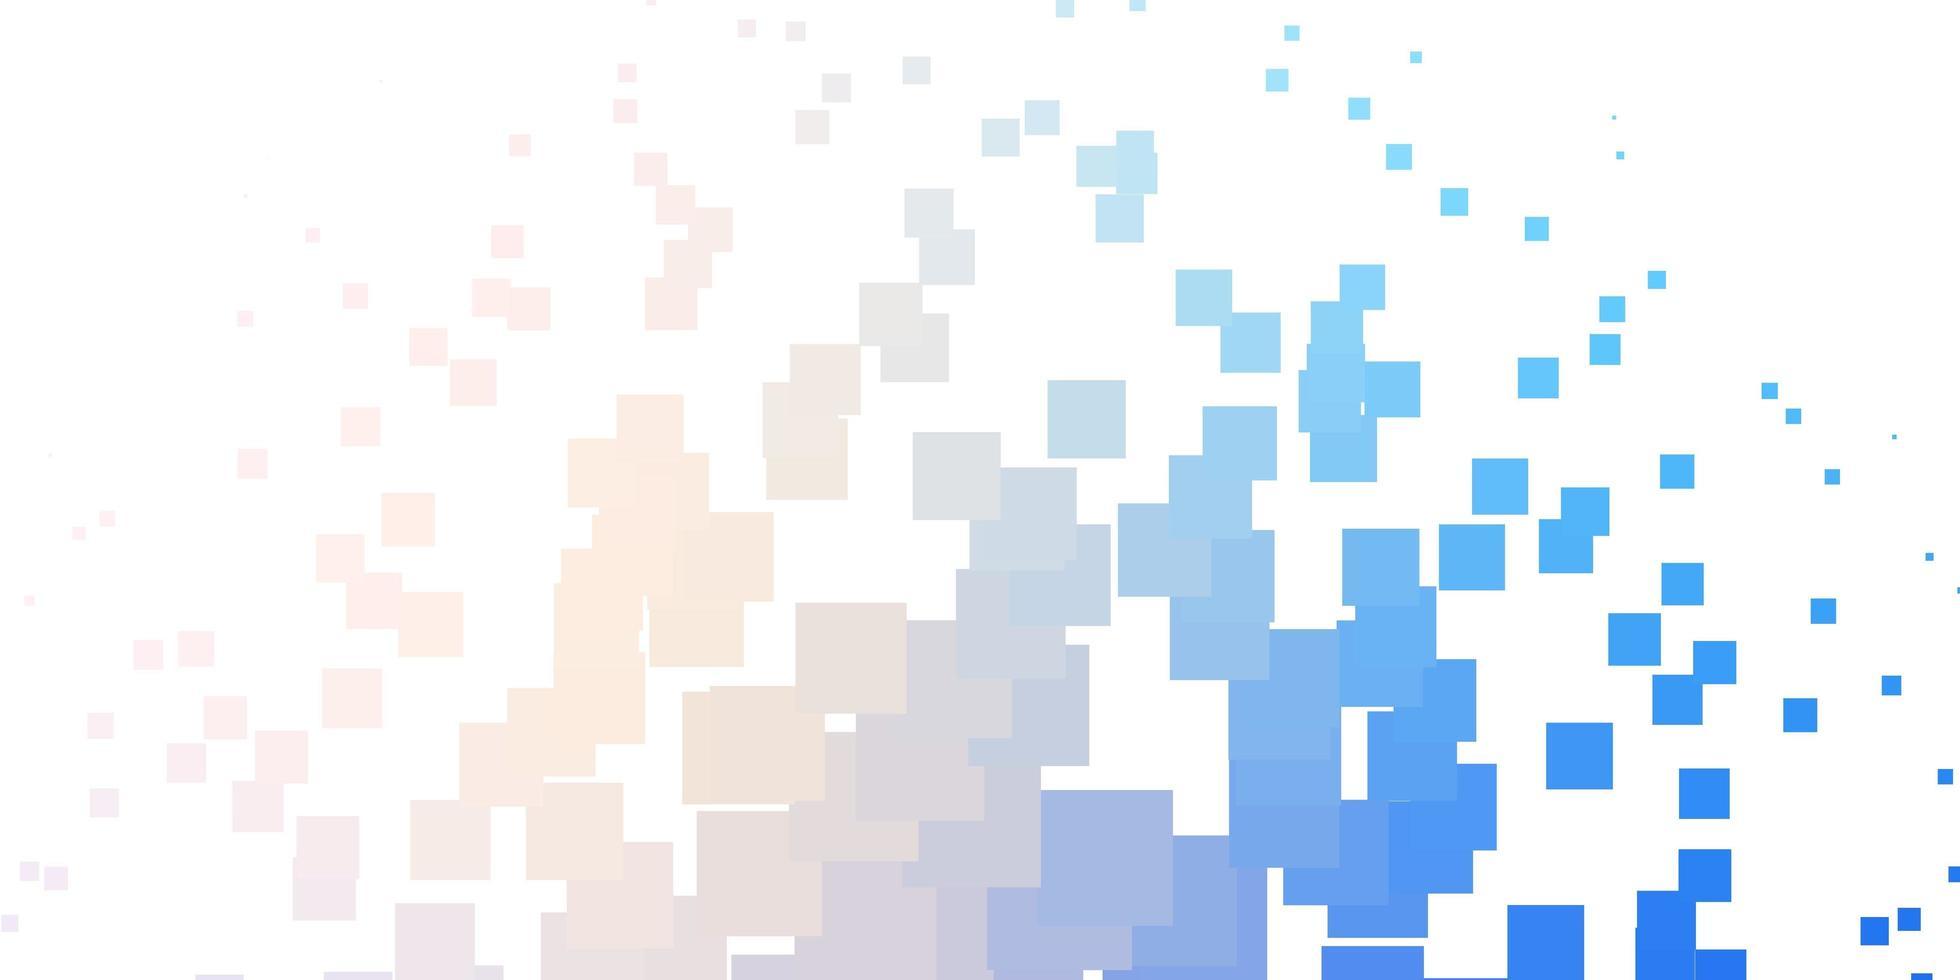 diseño de vector rosa claro, azul con líneas, rectángulos.